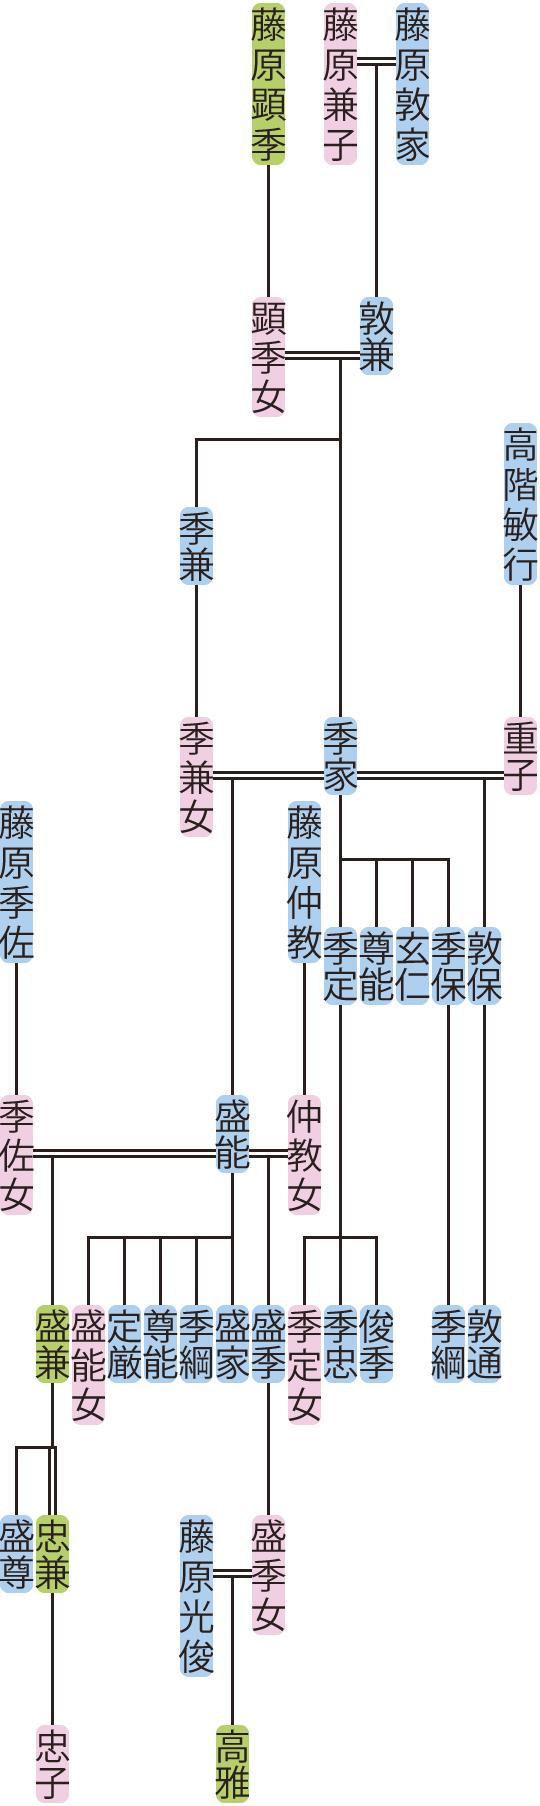 藤原季家の系図